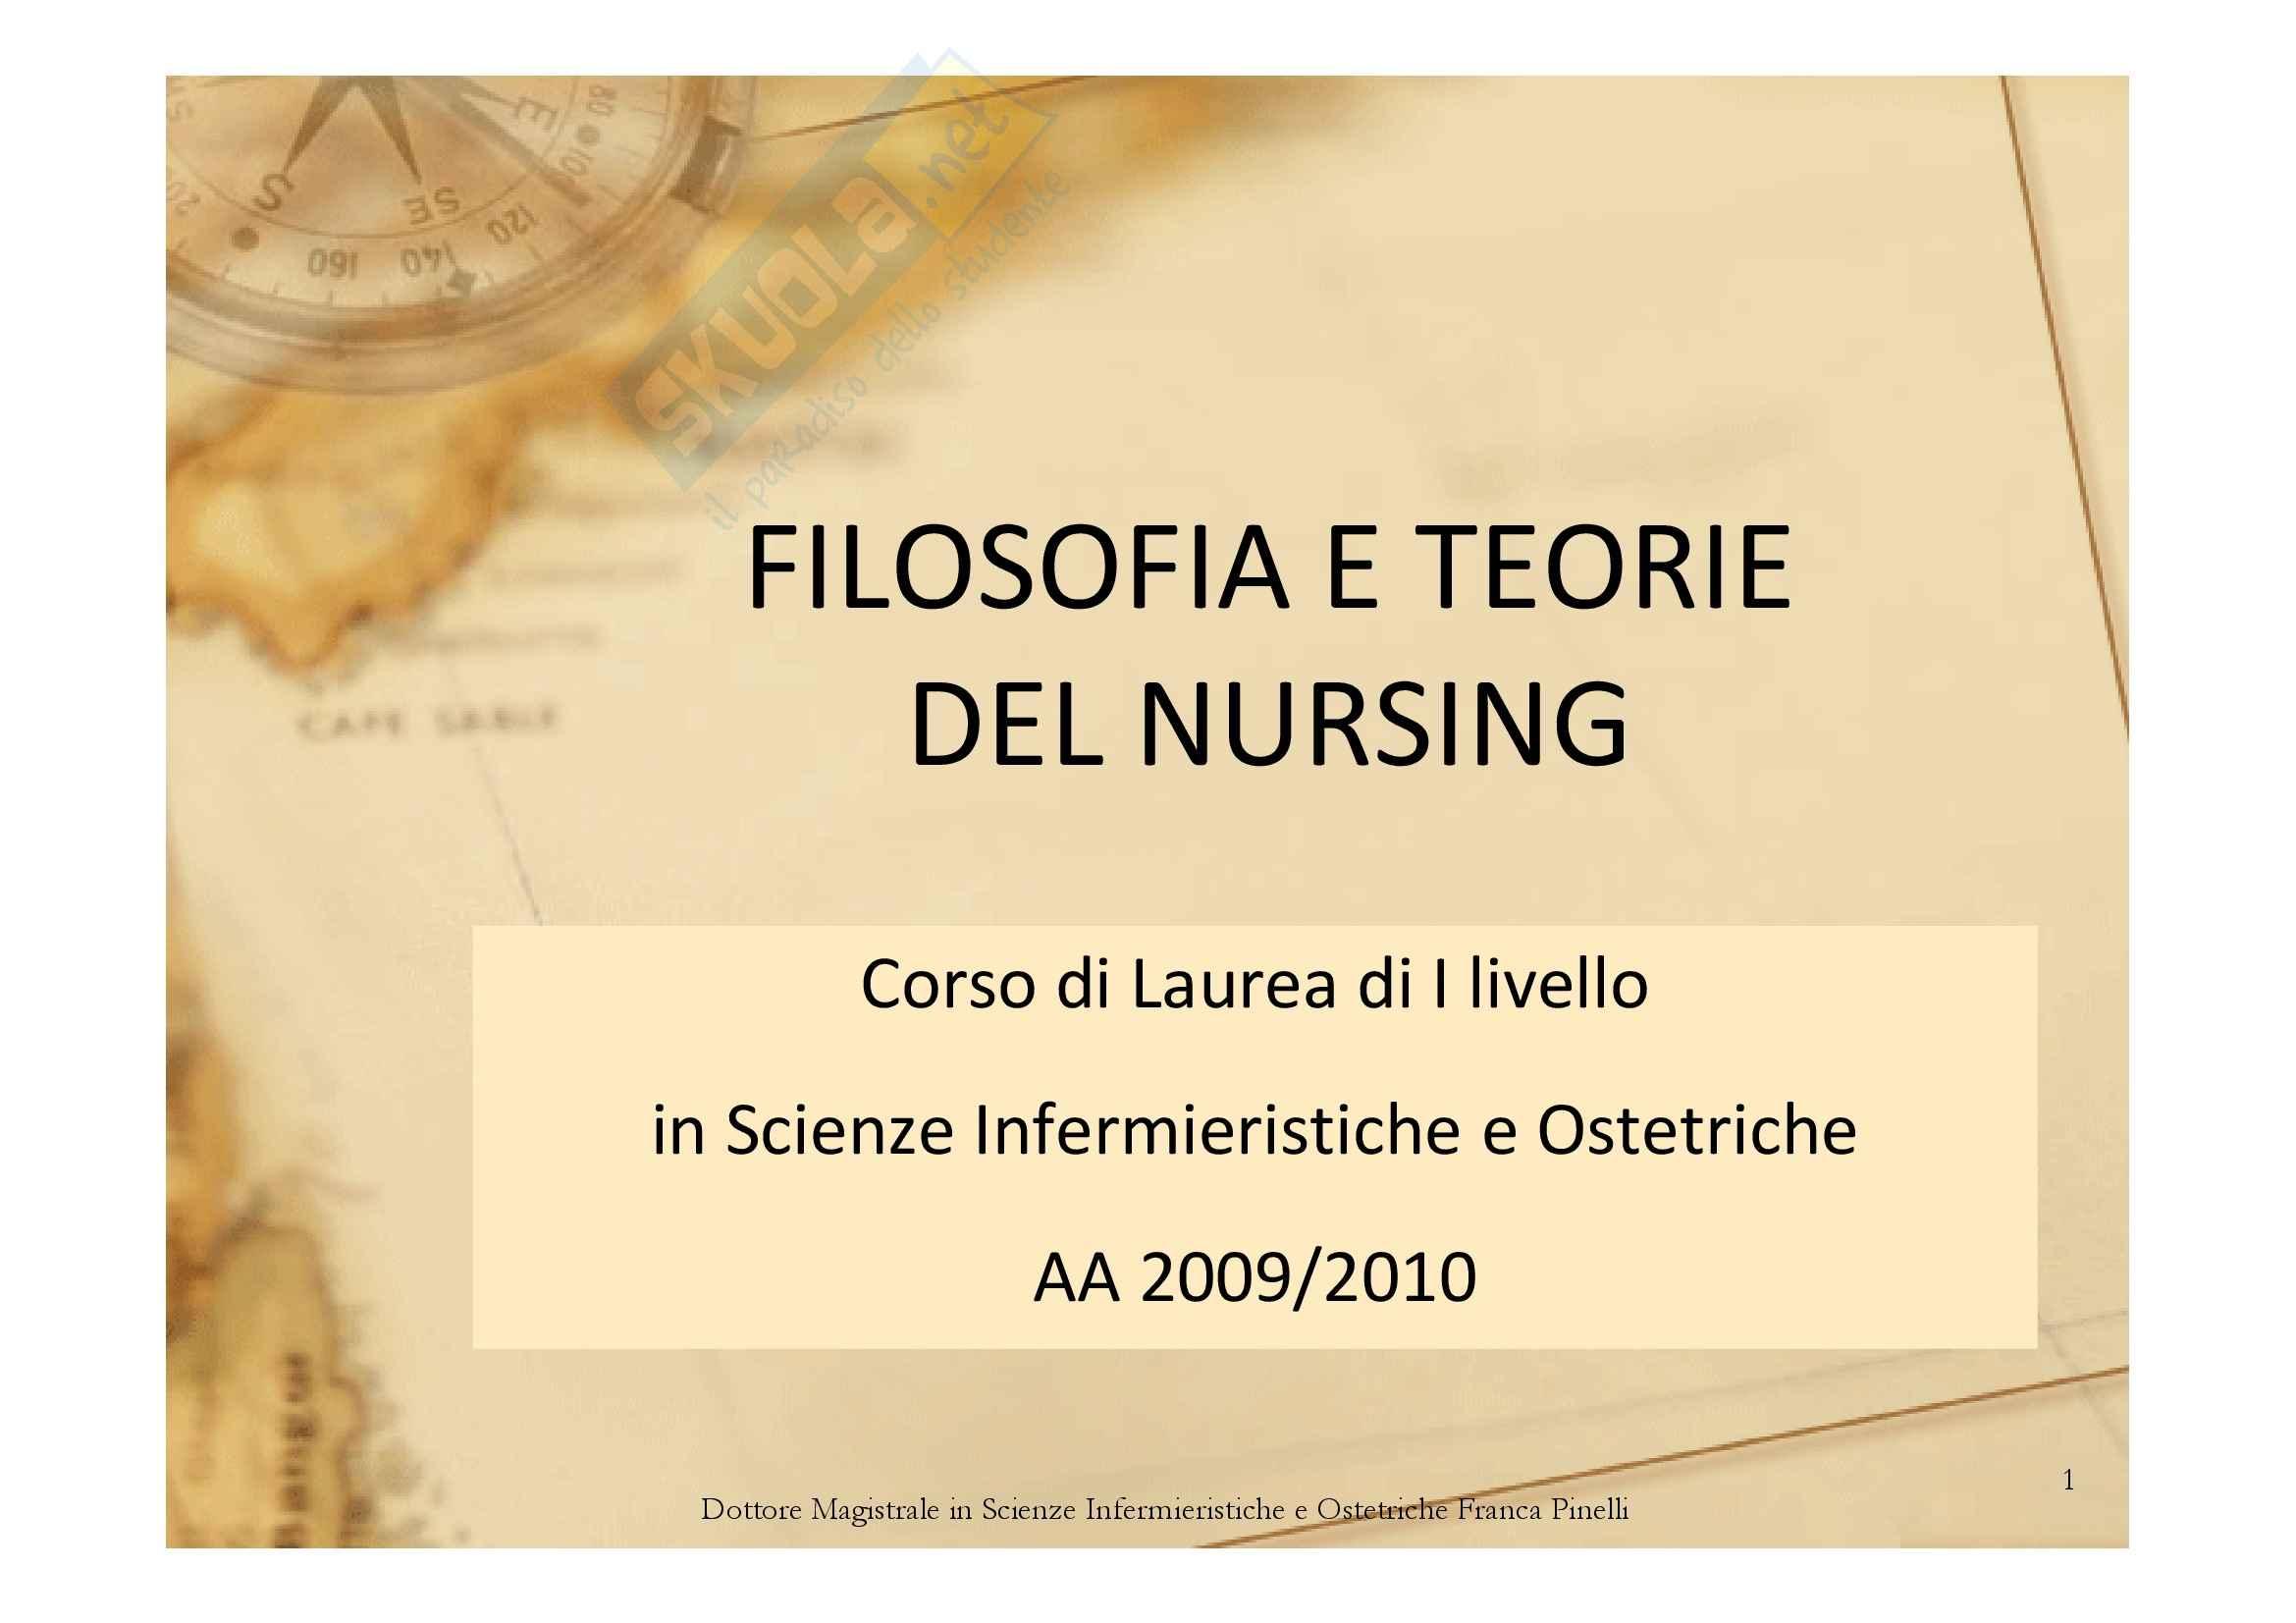 Filosofia e teorie del nursing